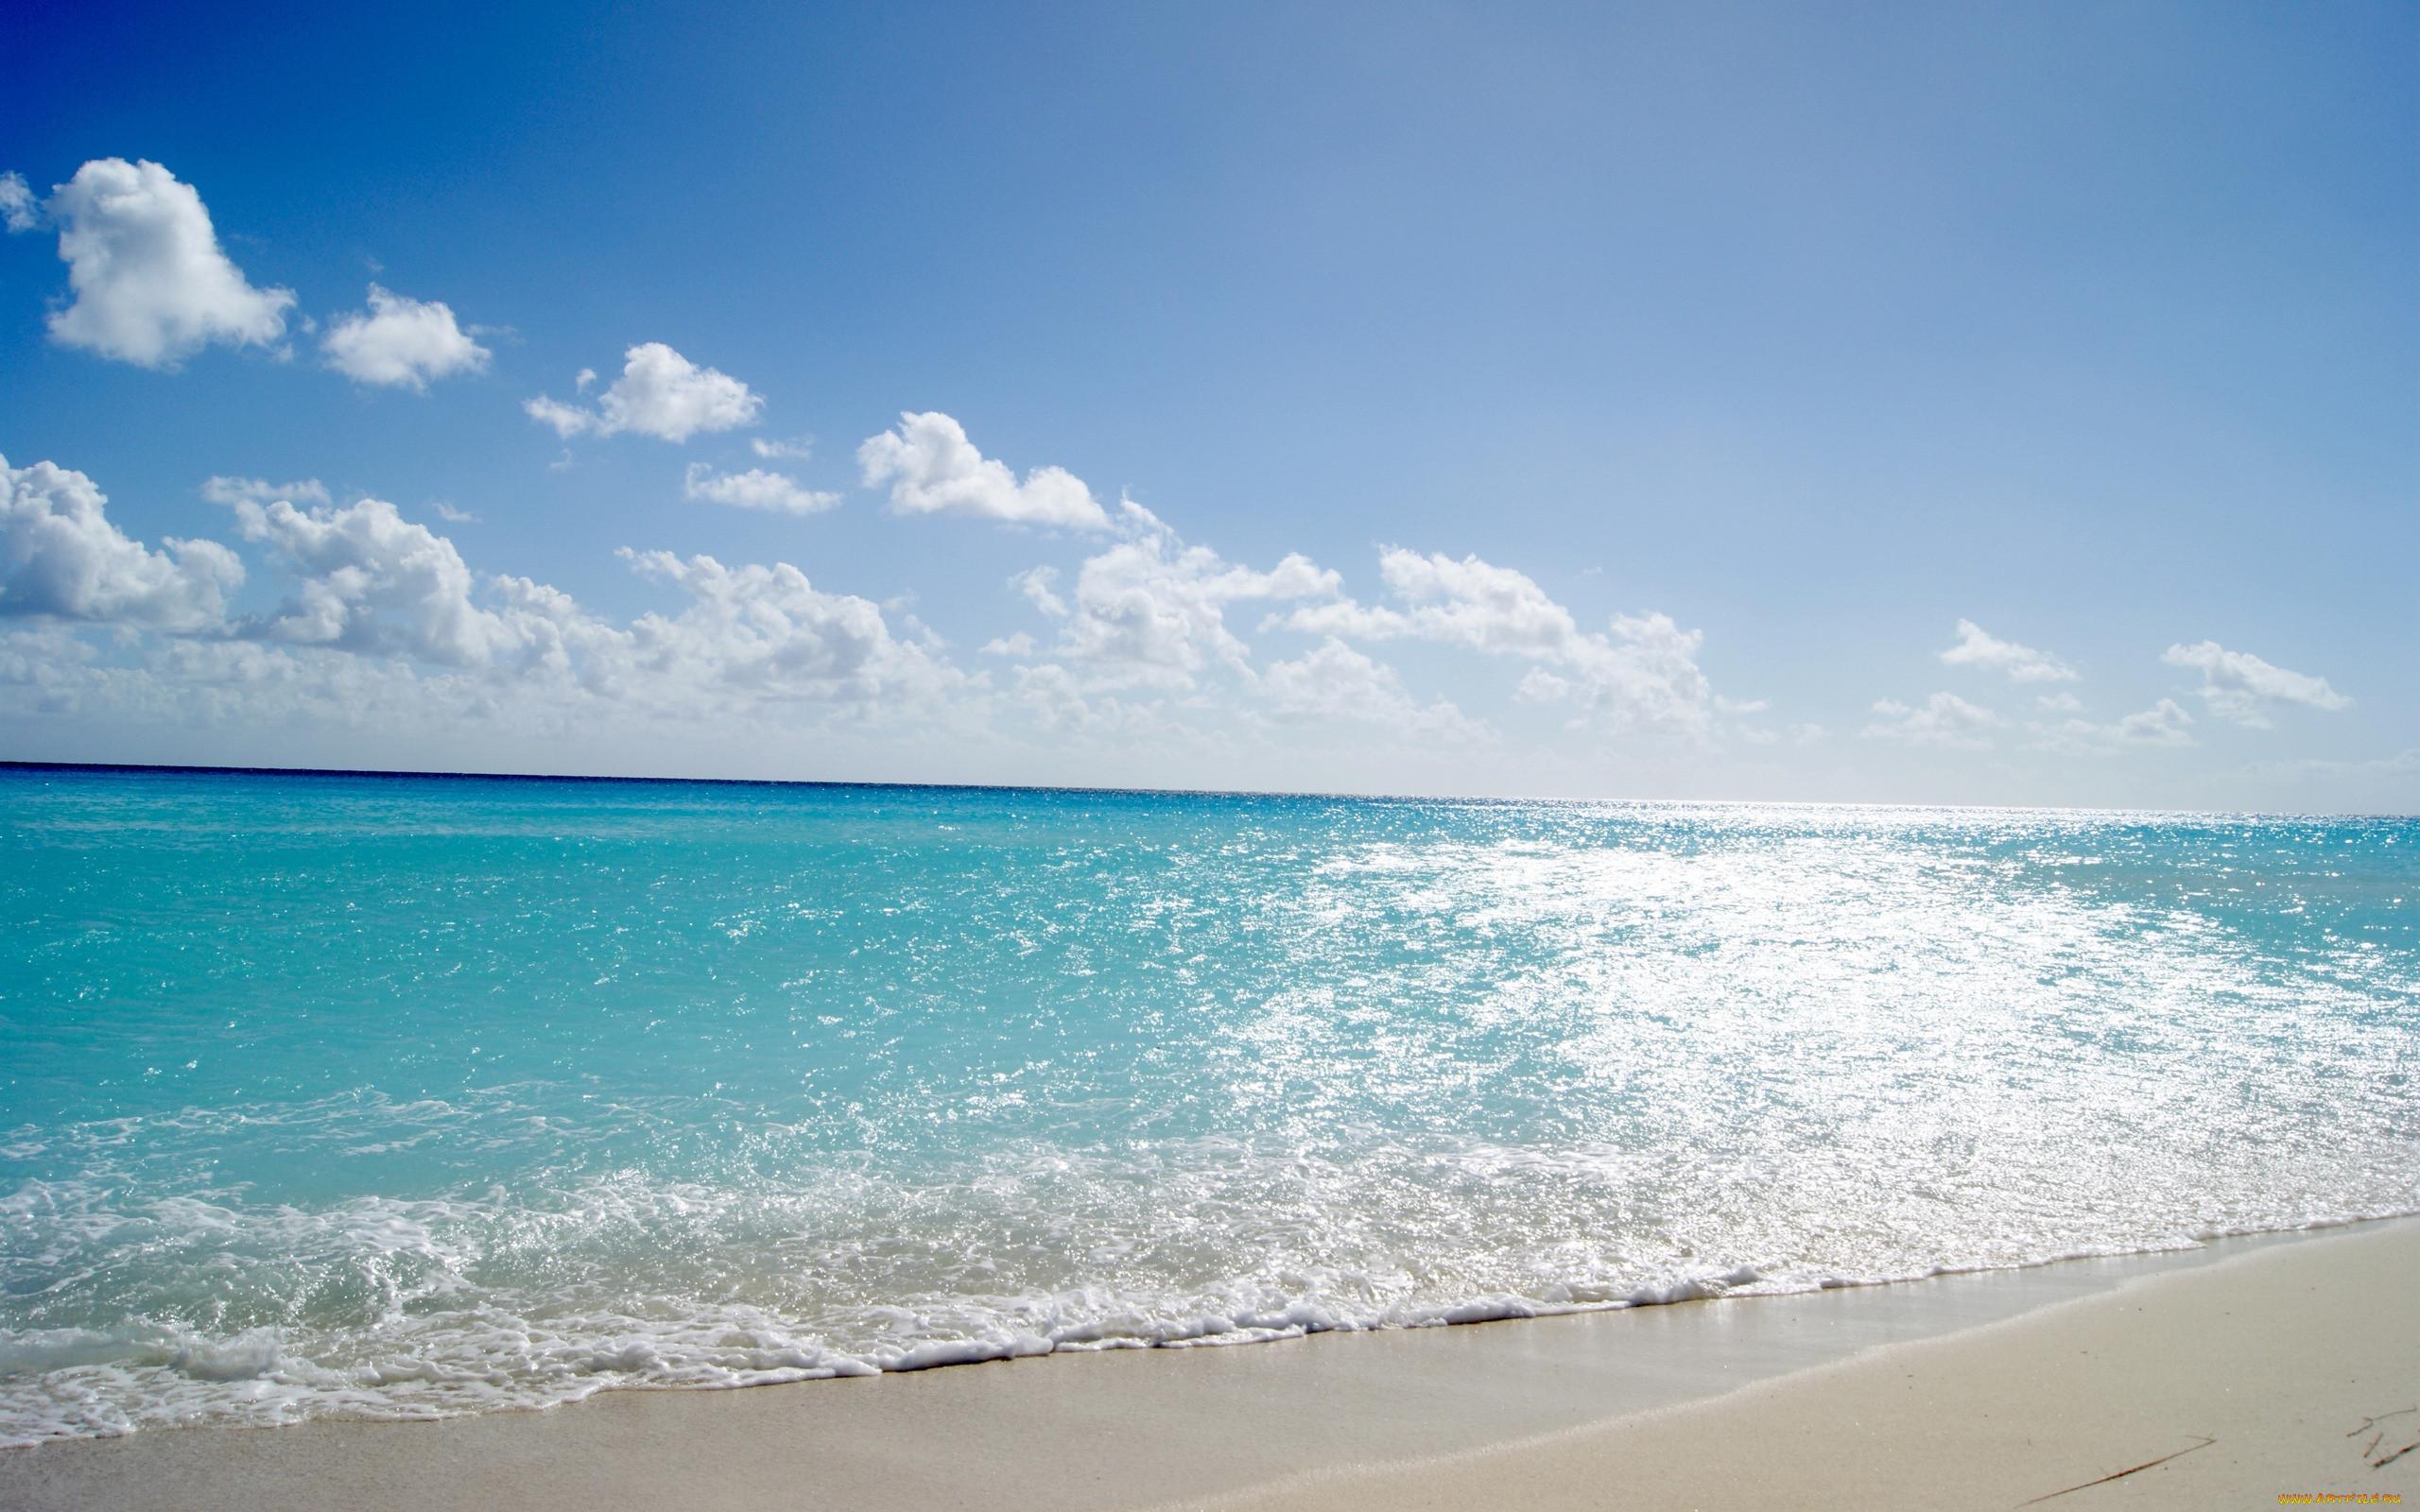 фото море океан пляж которой все лежало